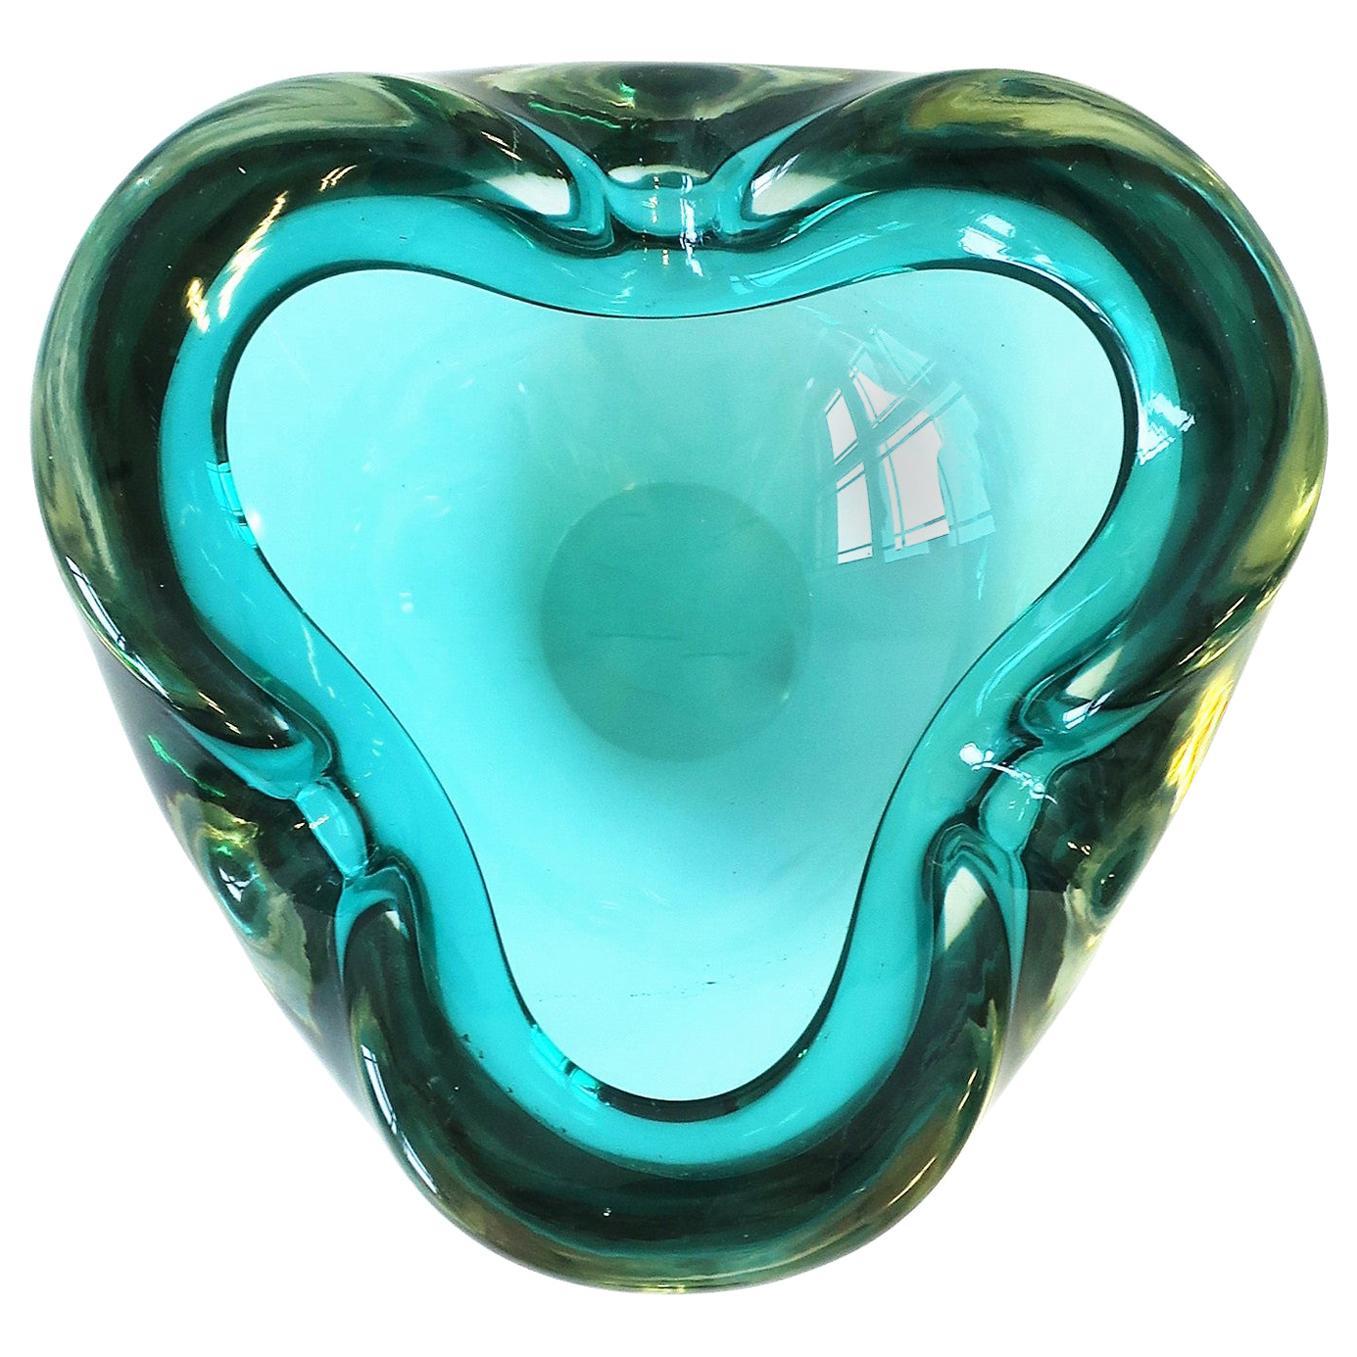 Italian Murano Blue Art Glass Bowl attribute to Alfredo Barbini